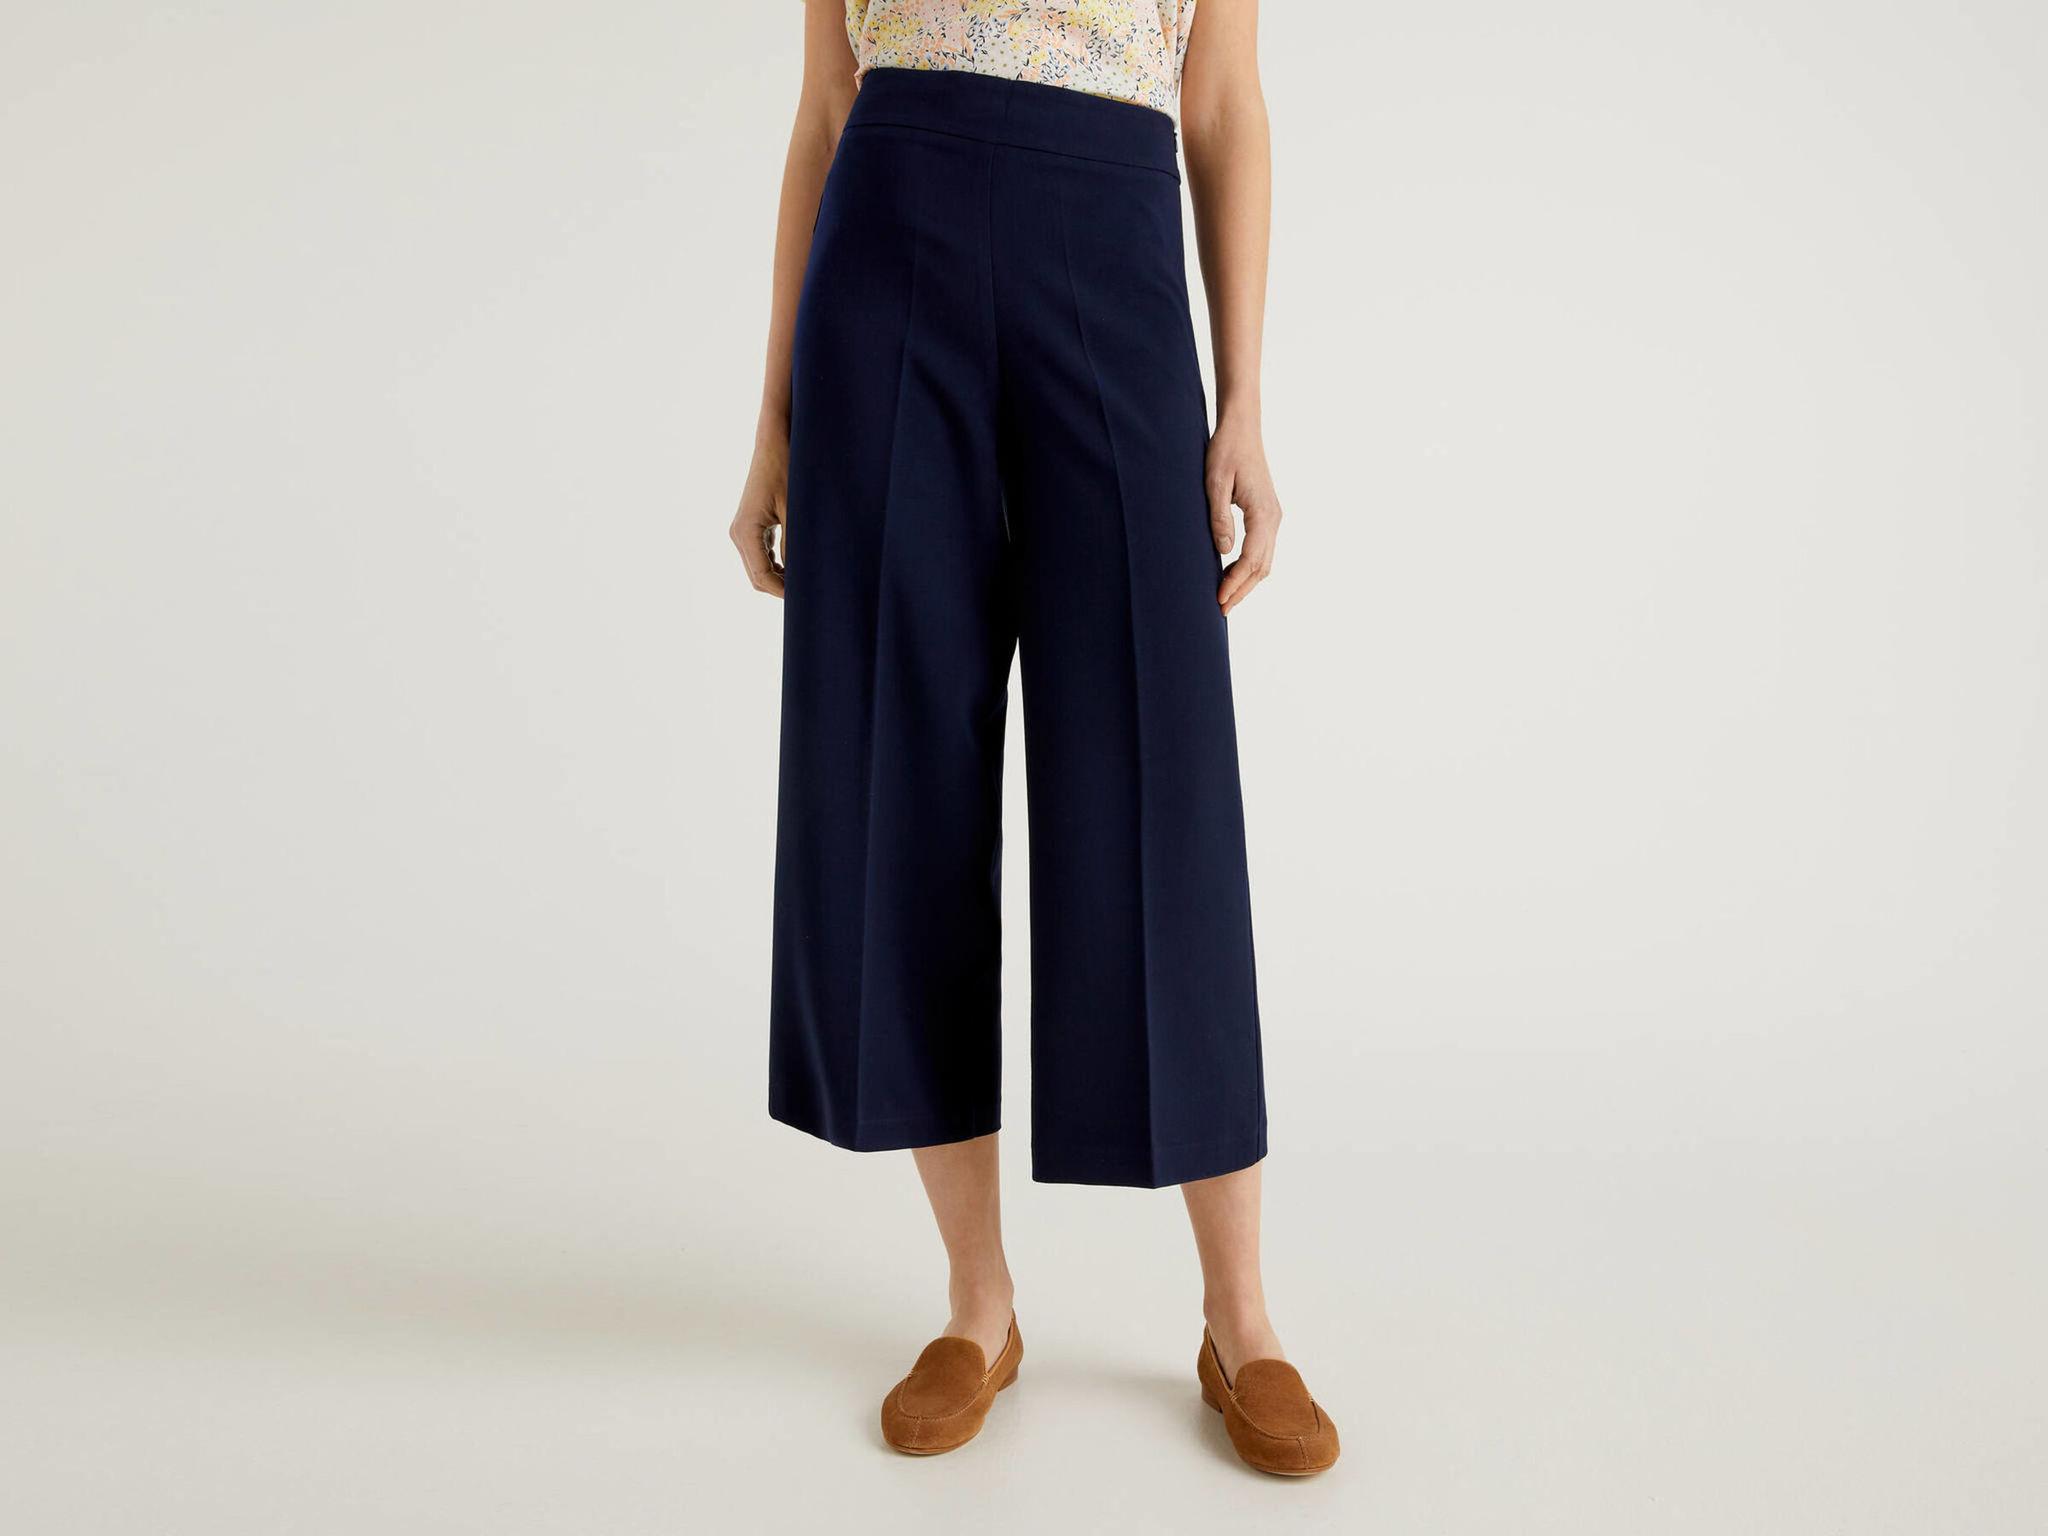 Pantalones cropped azul marino de Benetton